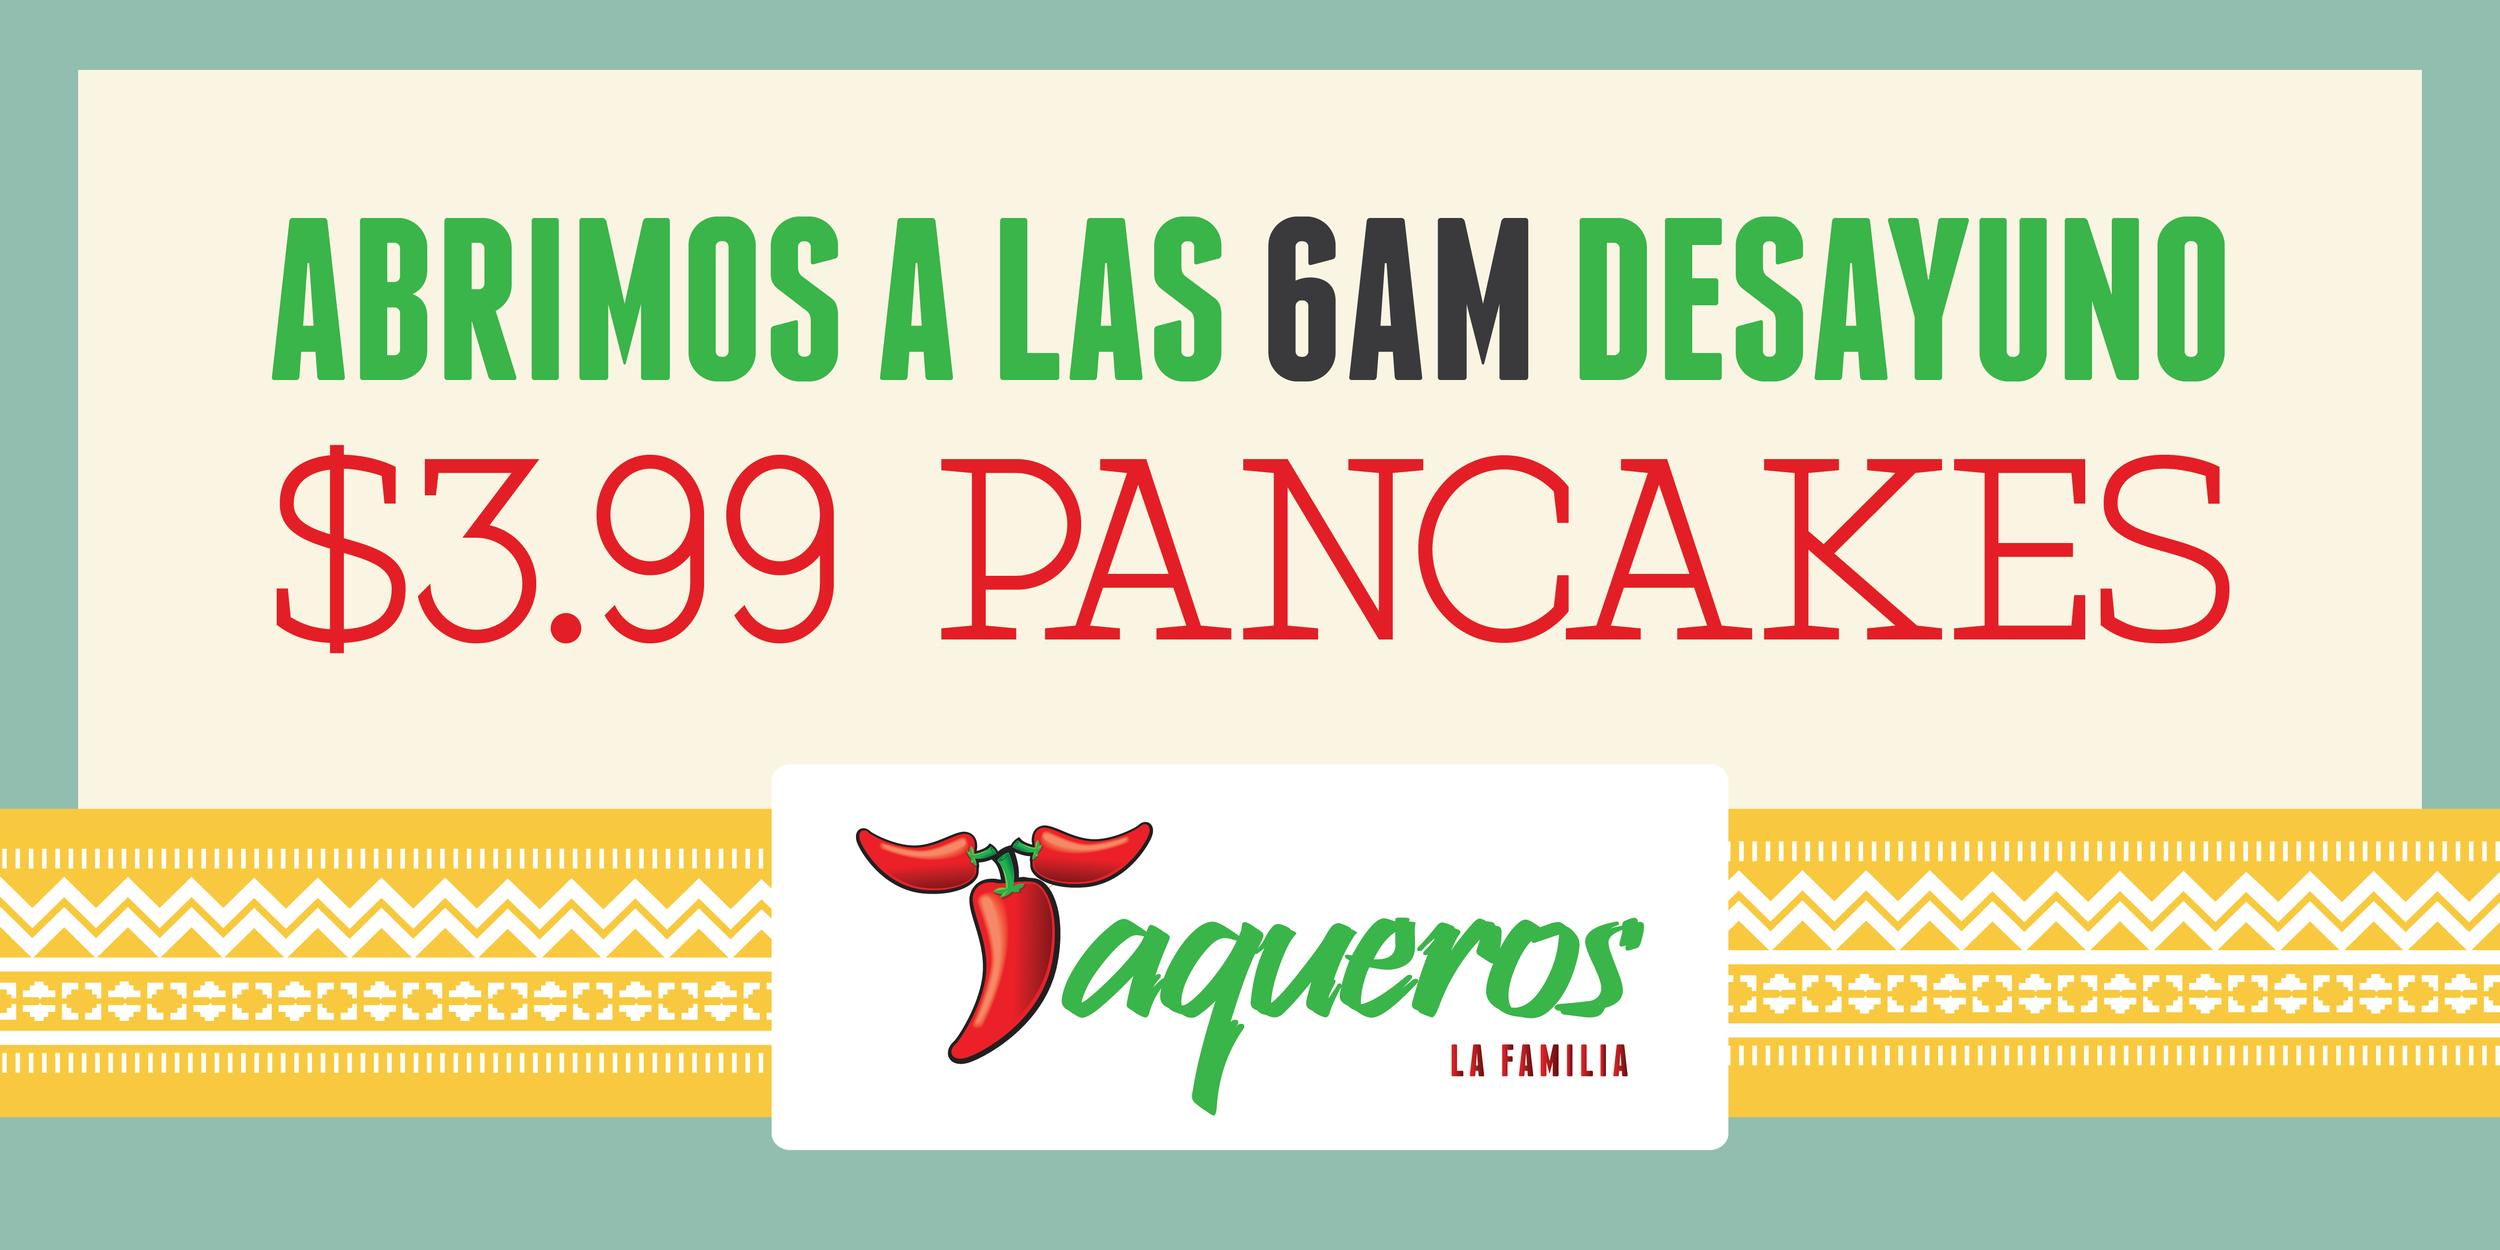 Jason Khoo - Taqueros Mexican Restaurant Banner